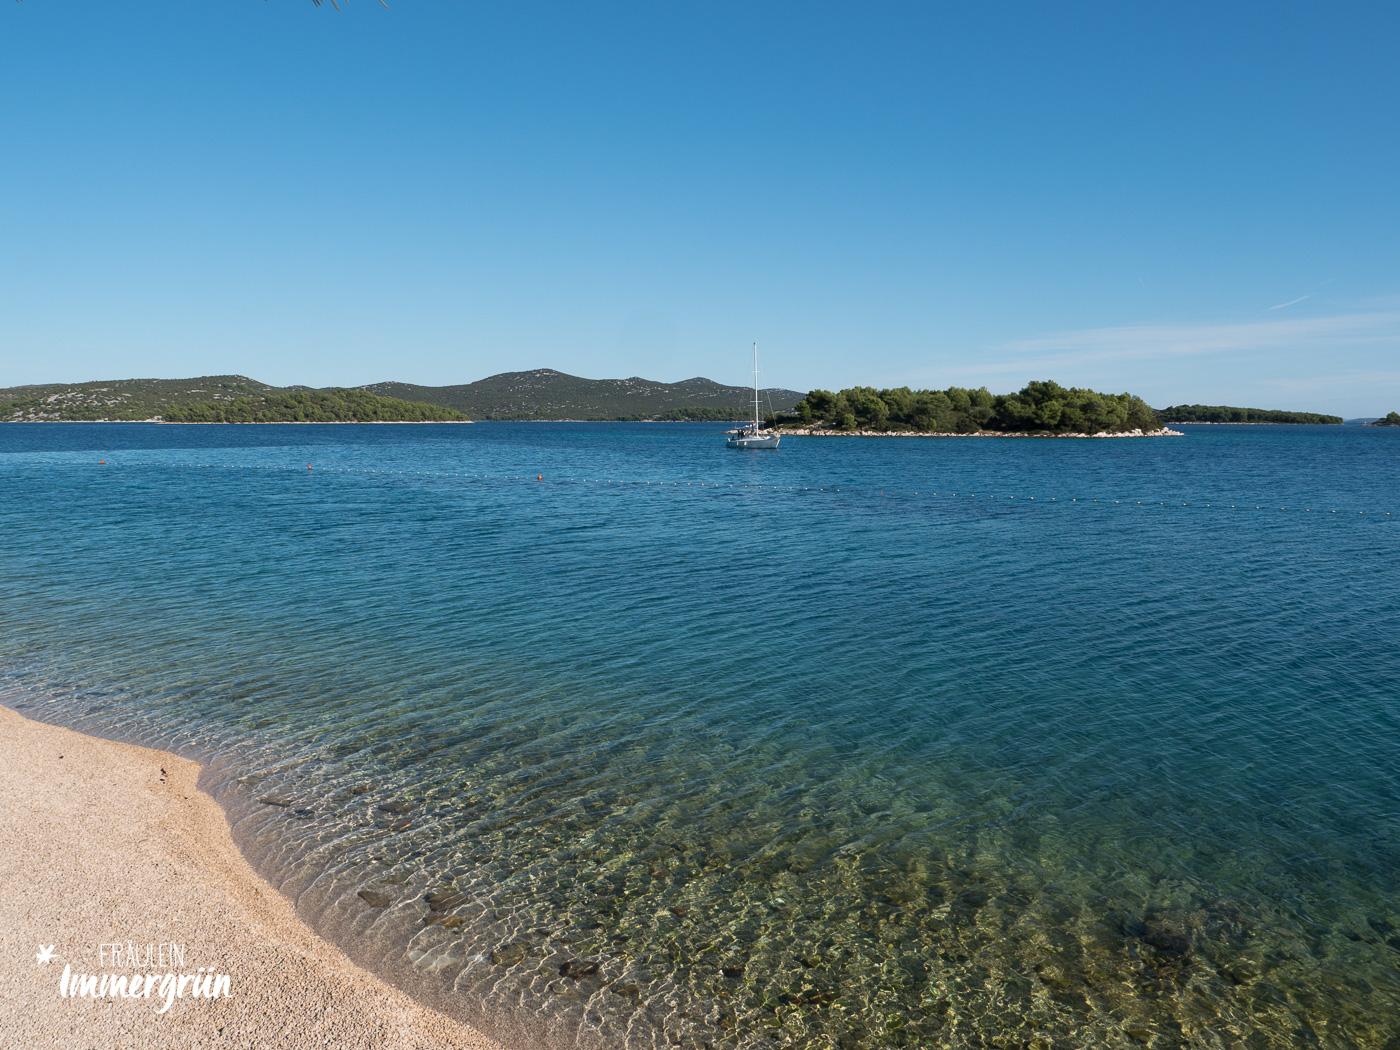 Dalmatien in Kroatien: Urlaub an der dalmatinischen Küste in der Nebensaison – Insel Murter, Badebucht in Jezera